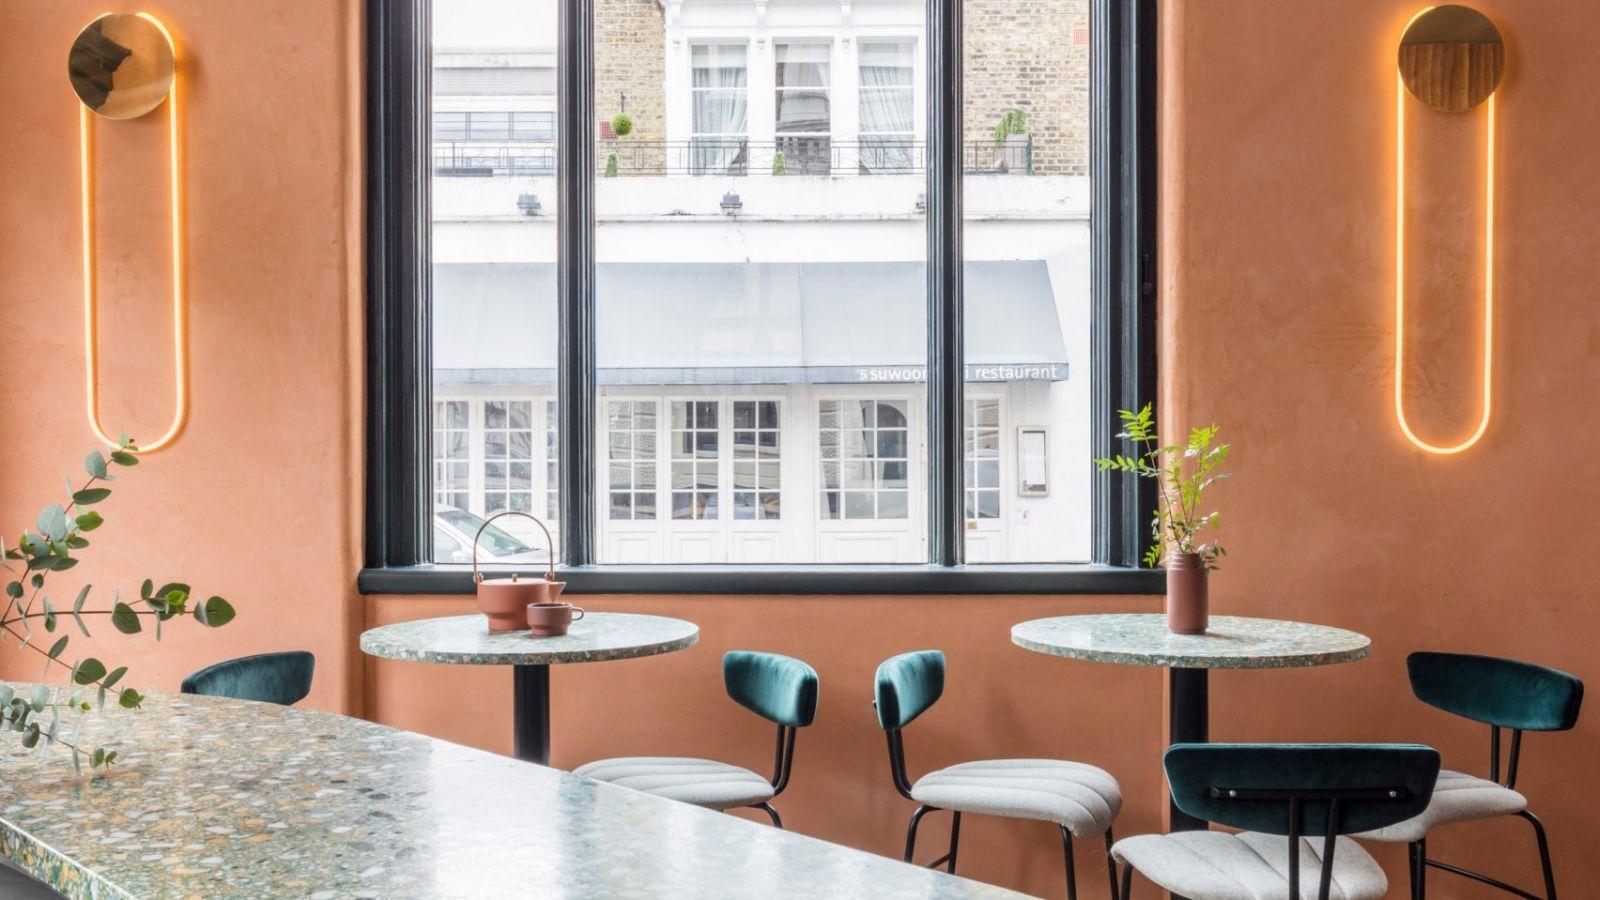 Ấn tượng với thiết kế nội thất nhà hàng mang màu sắc địa trung hải